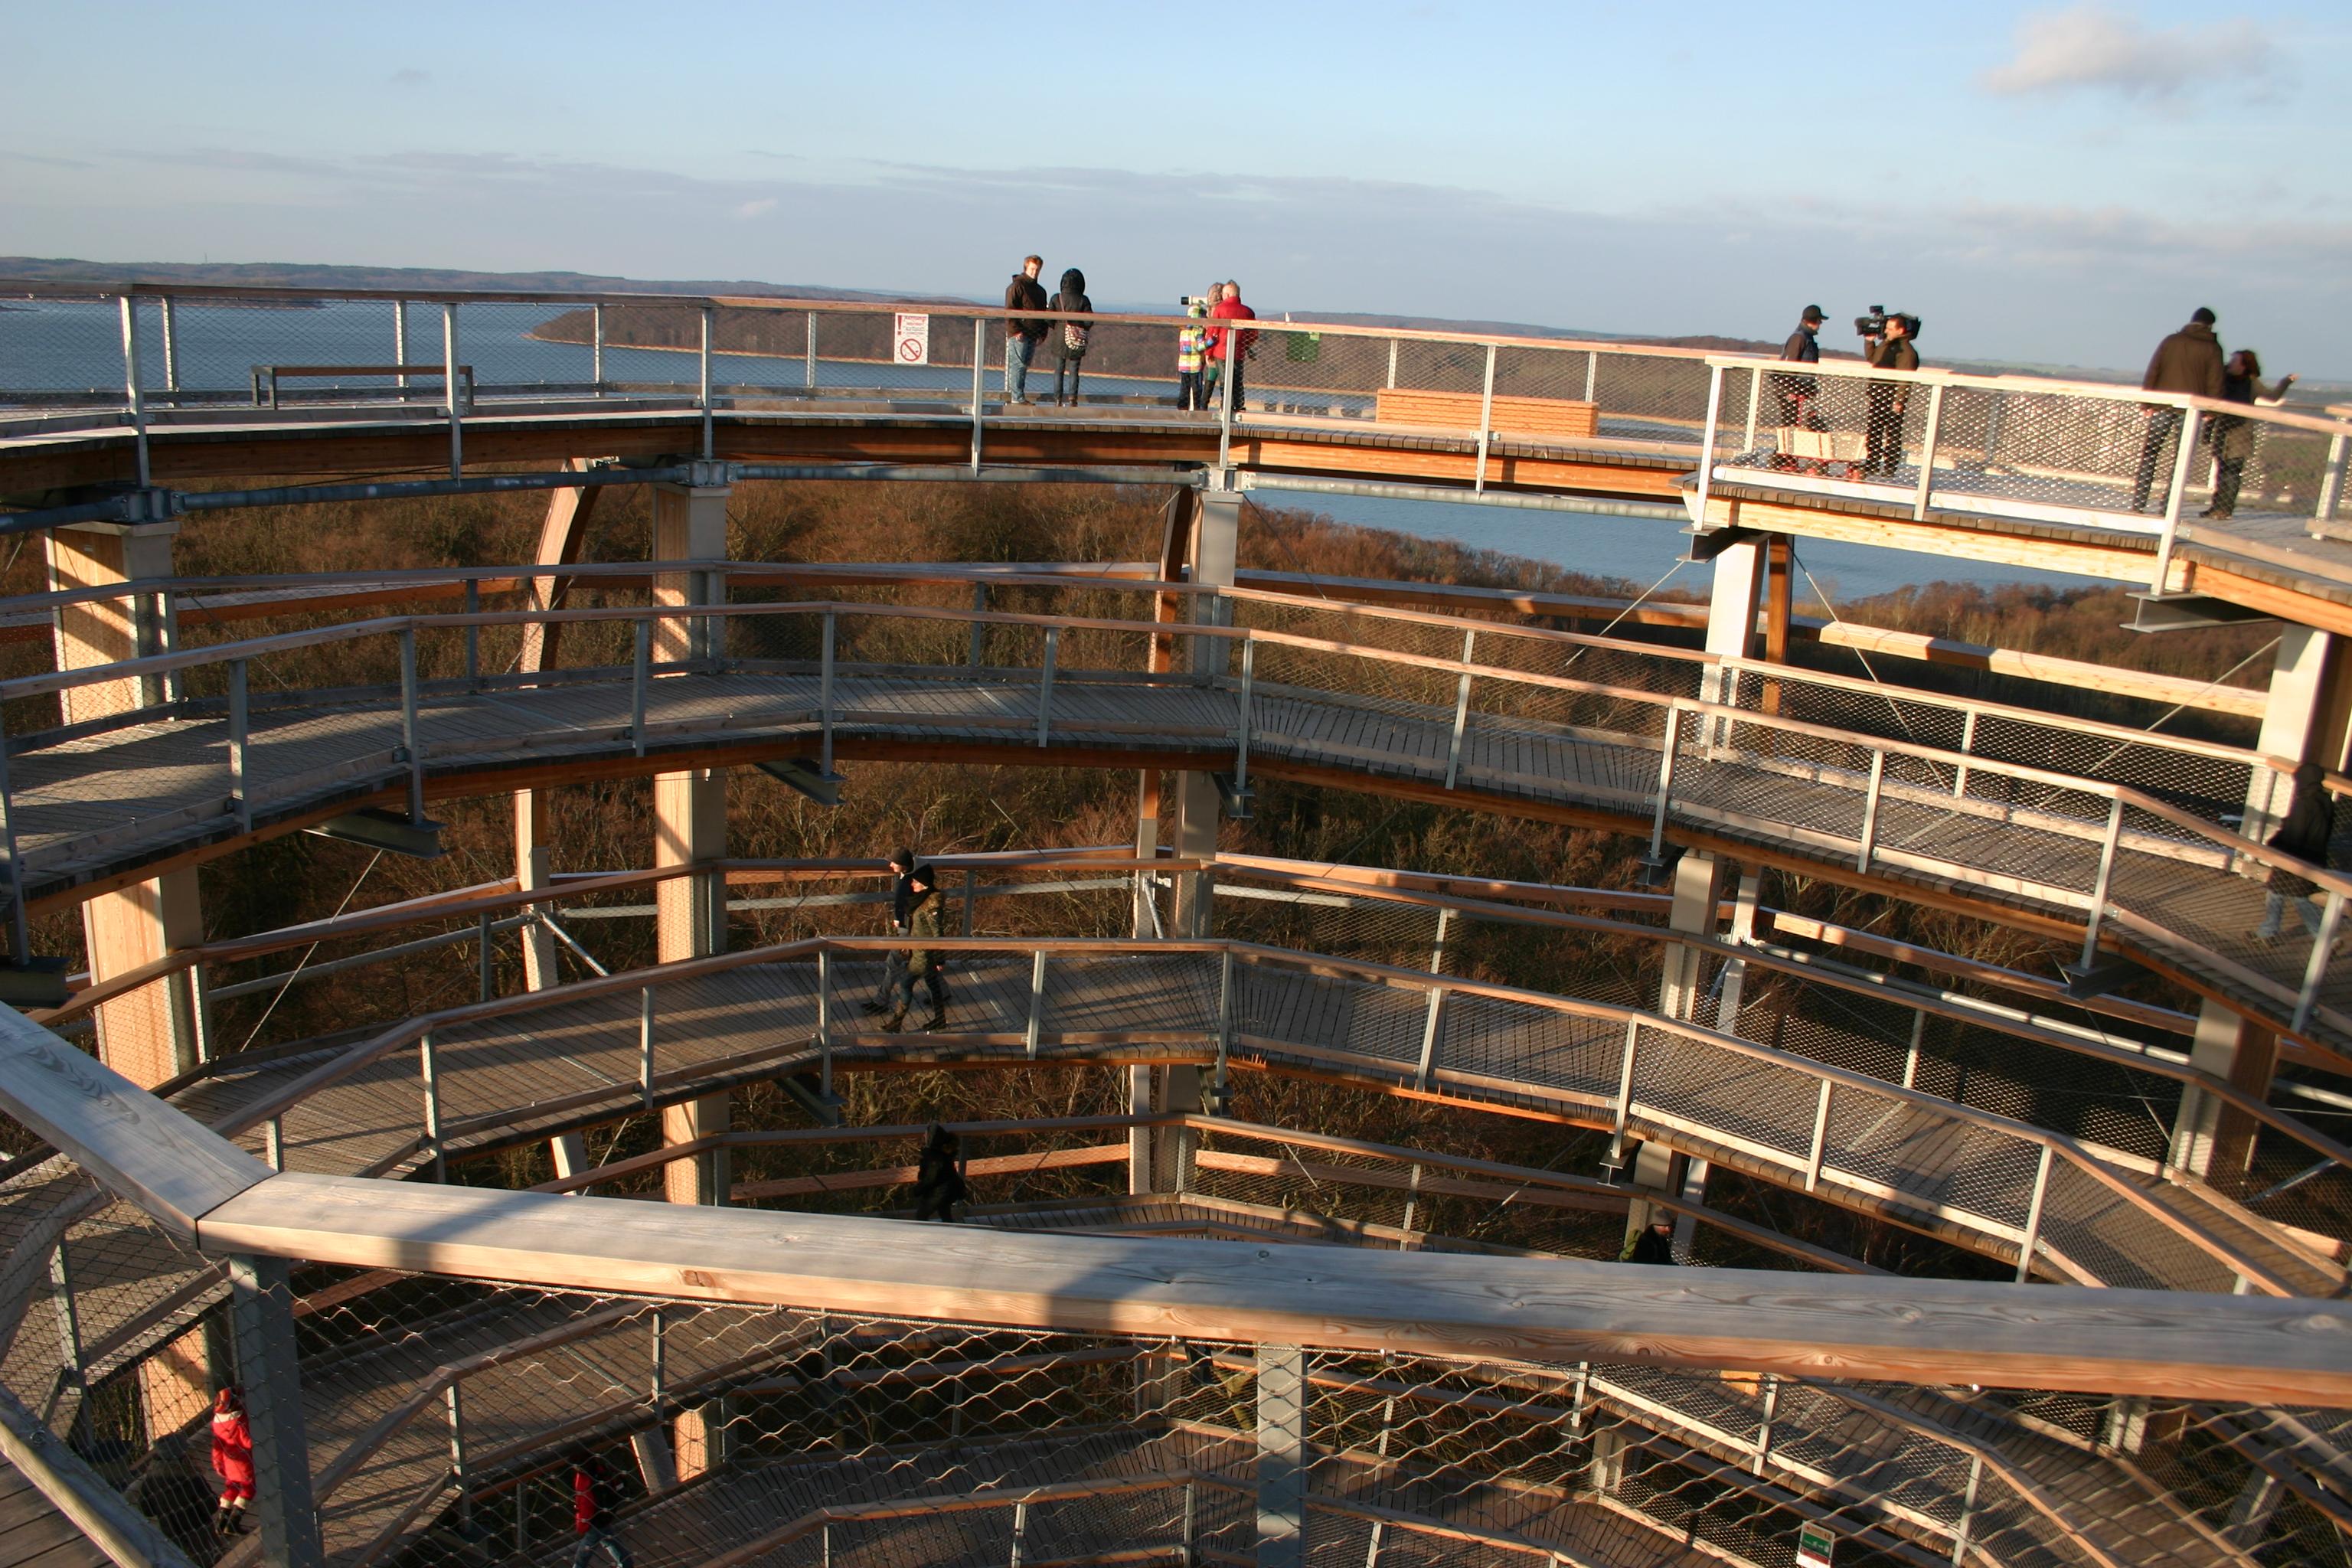 Naturerbezentrum Prora - Ausblick vom Turm